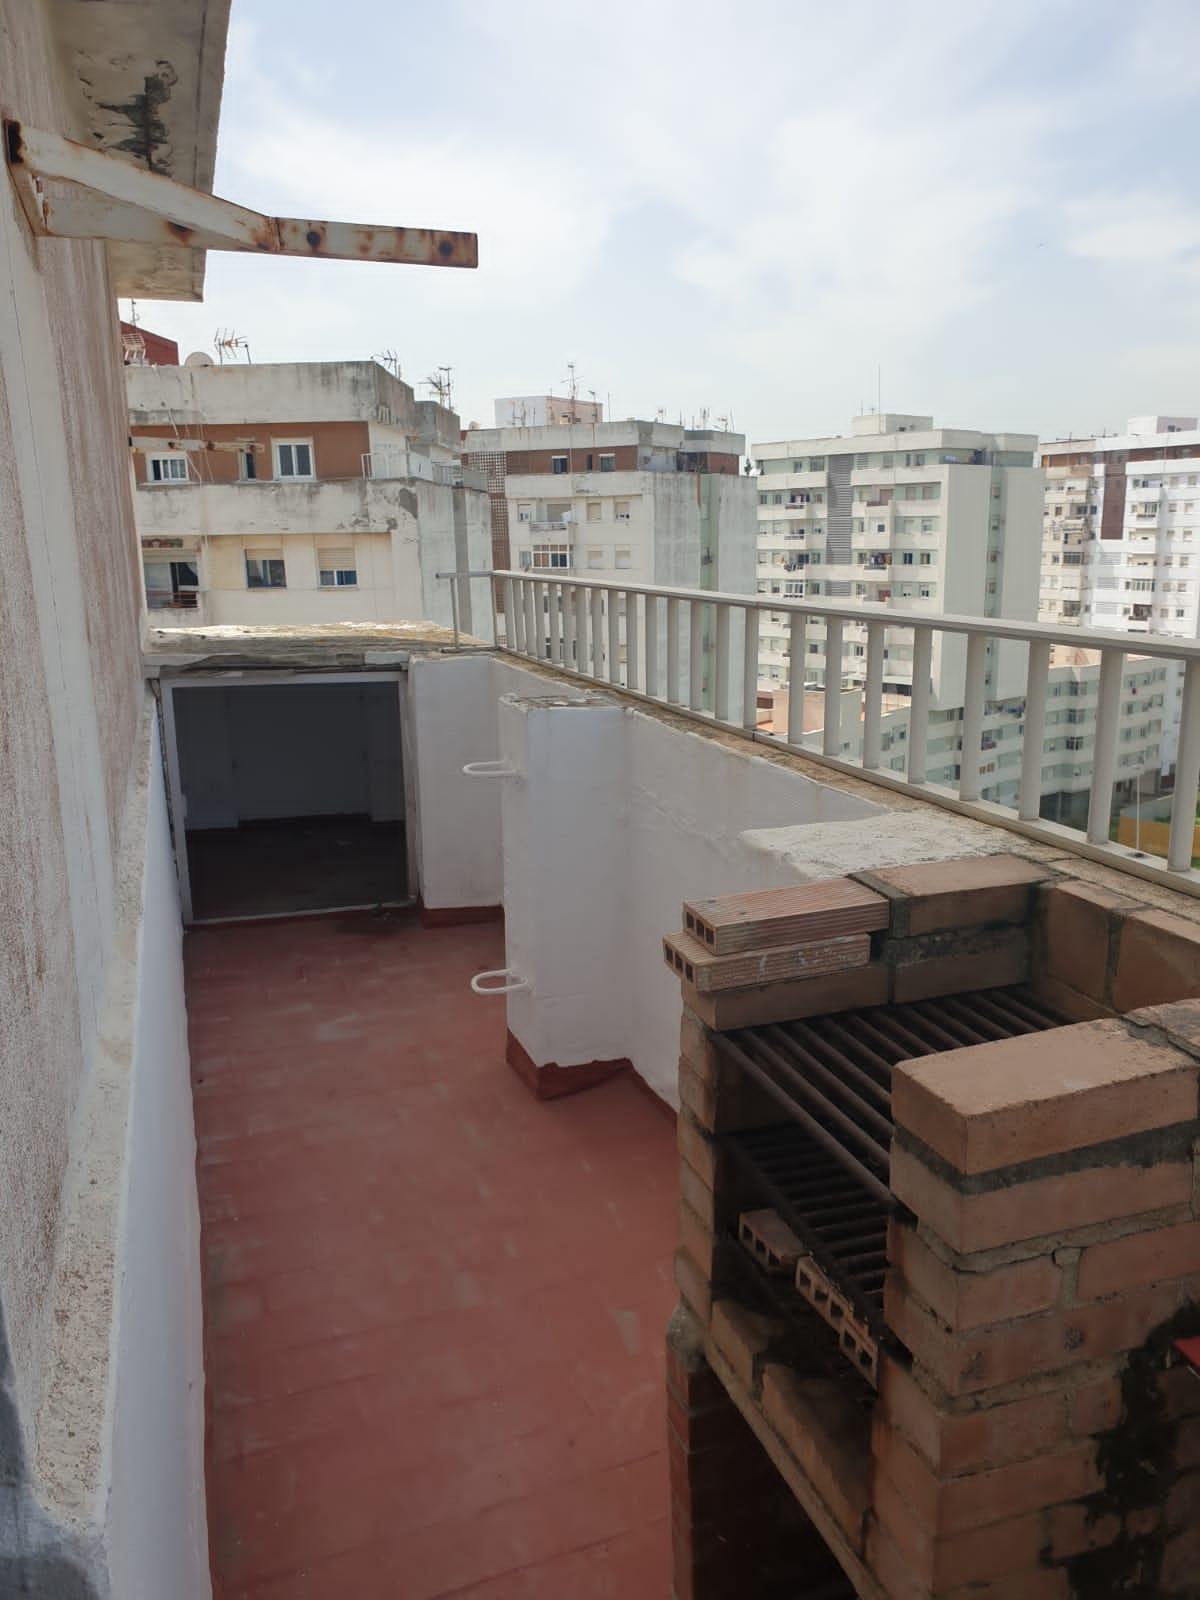 Piso en venta en Punta Carnero, Algeciras, Cádiz, Calle Federico Garcia Lorca, 45.000 €, 2 habitaciones, 1 baño, 75 m2